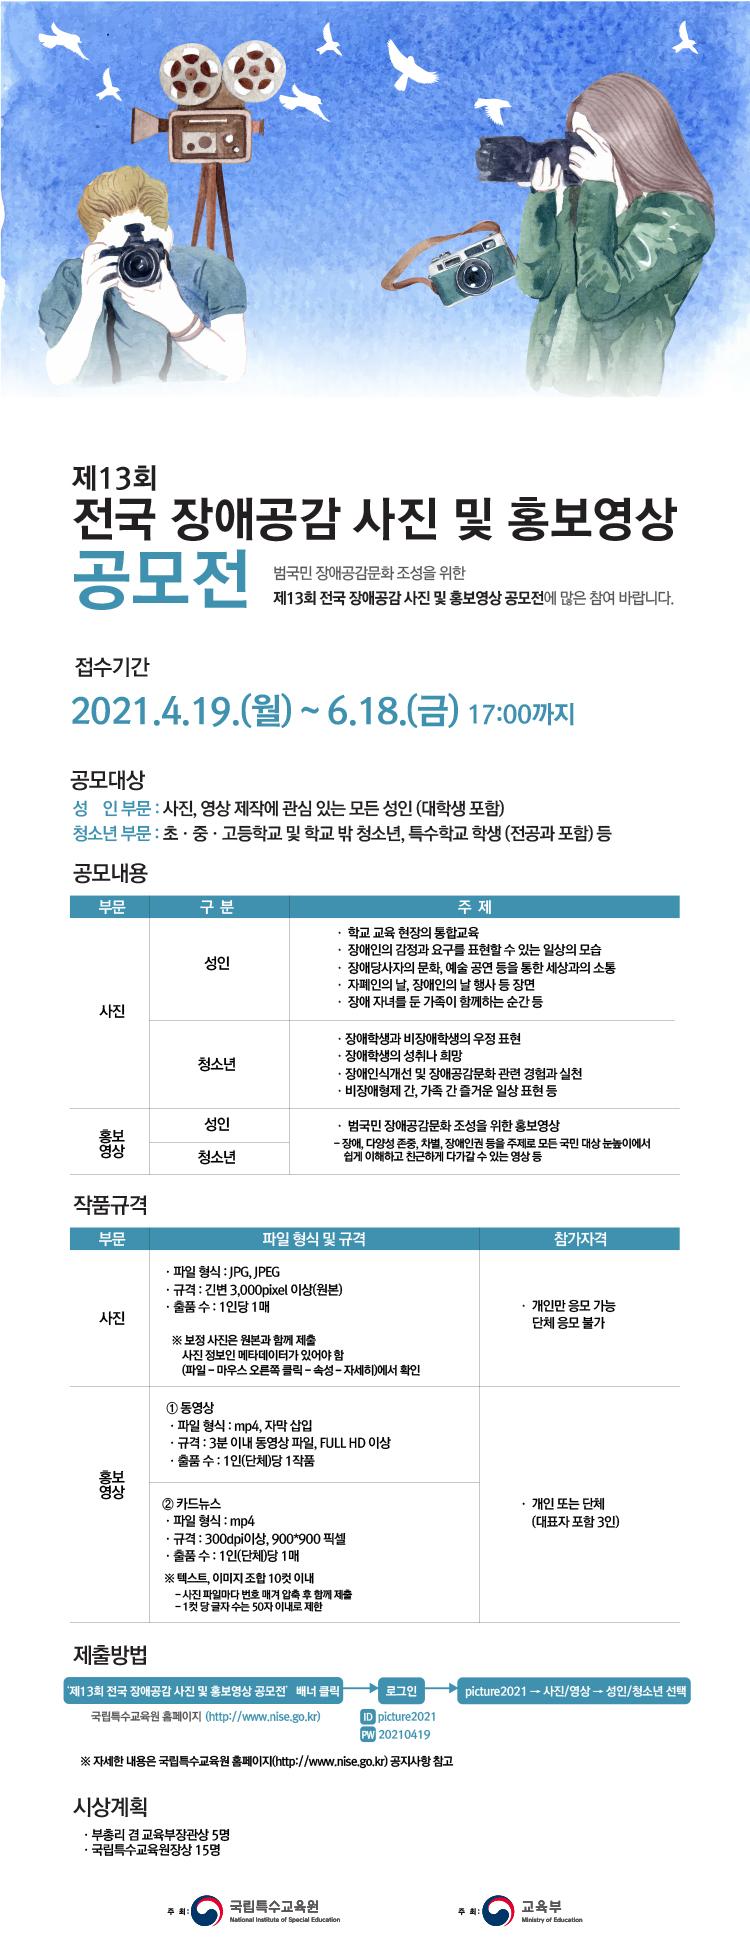 「제13회 전국 장애공감 사진 및 홍보영상 공모전, 온라인 전시관」안내